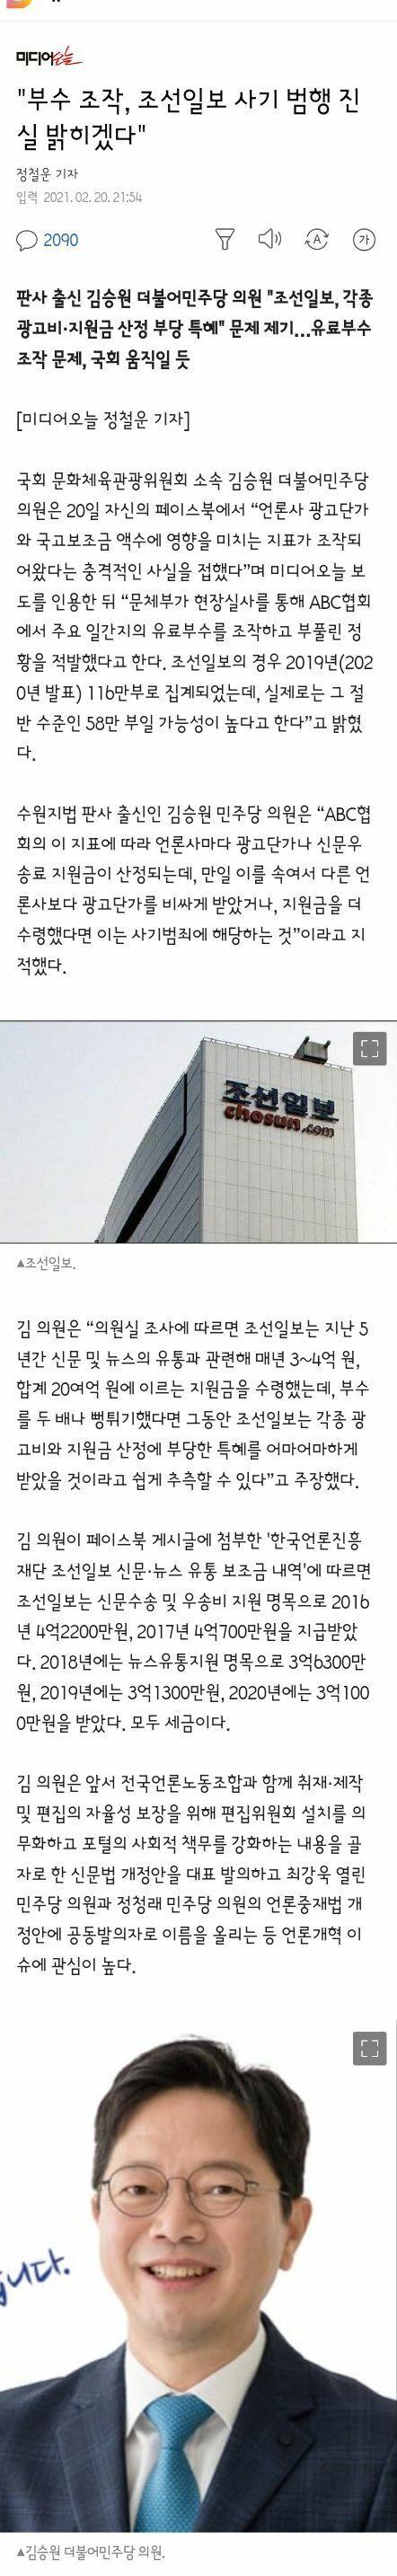 [이슈]조선일보 부수조작 사기범행 진실 밝히겠다